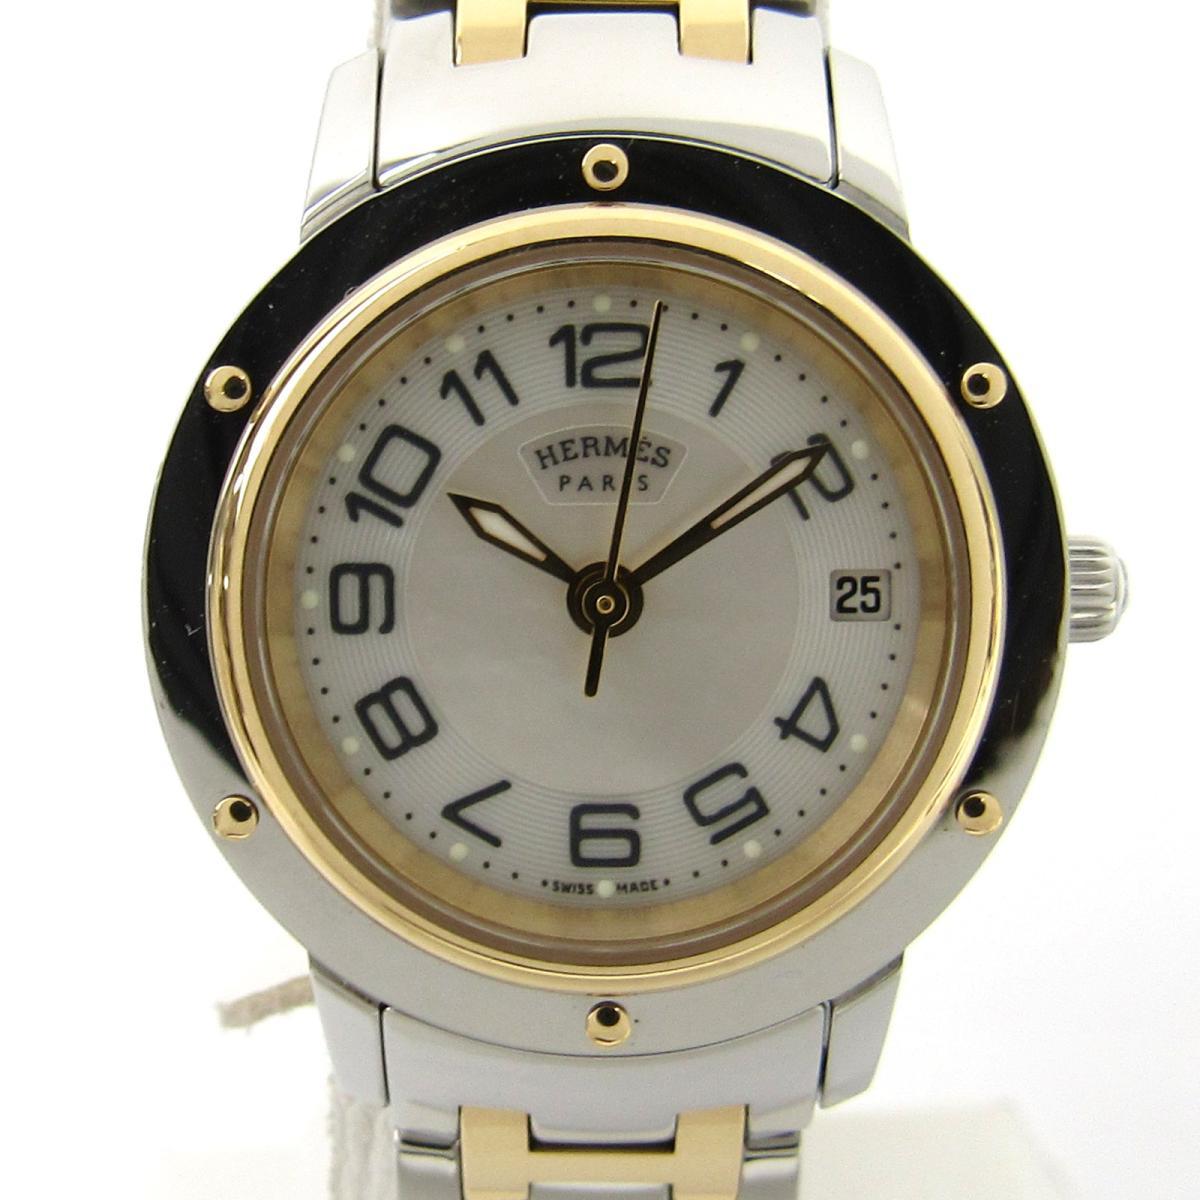 【中古】 エルメス クリッパークラシック ウォッチ 腕時計 レディース GP ステンレススチール (SS) (CP1.220)   HERMES BRANDOFF ブランドオフ ブランド ブランド時計 ブランド腕時計 時計